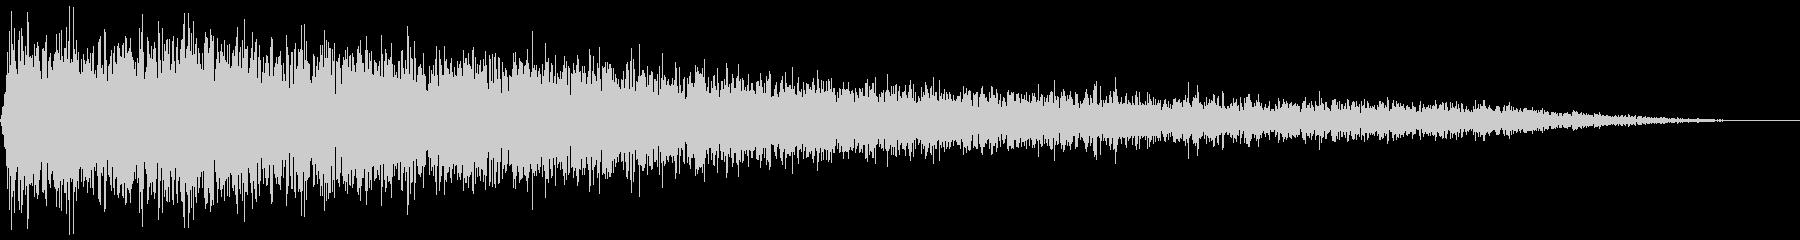 【ダーク】ホラー・サウンドスケイプ_05の未再生の波形